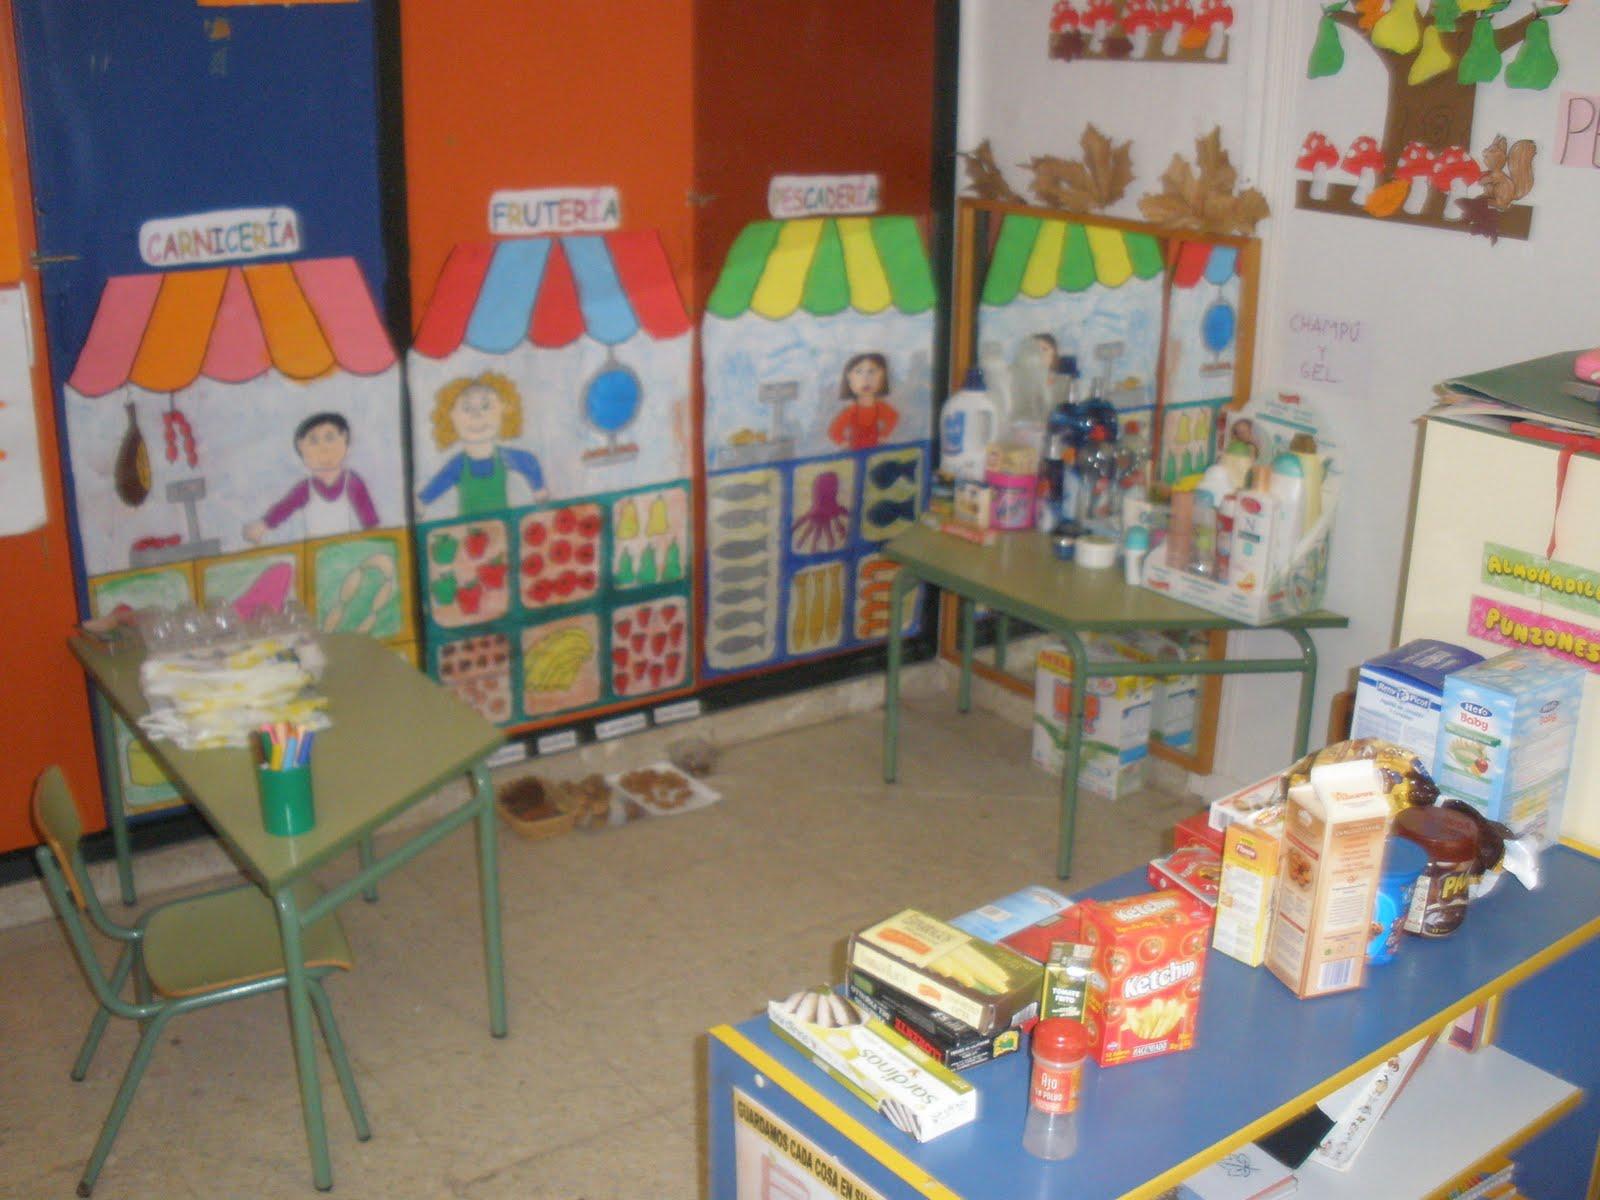 Educaci n infantil noviembre 2009 - Empresas de manualidades para trabajar en casa ...